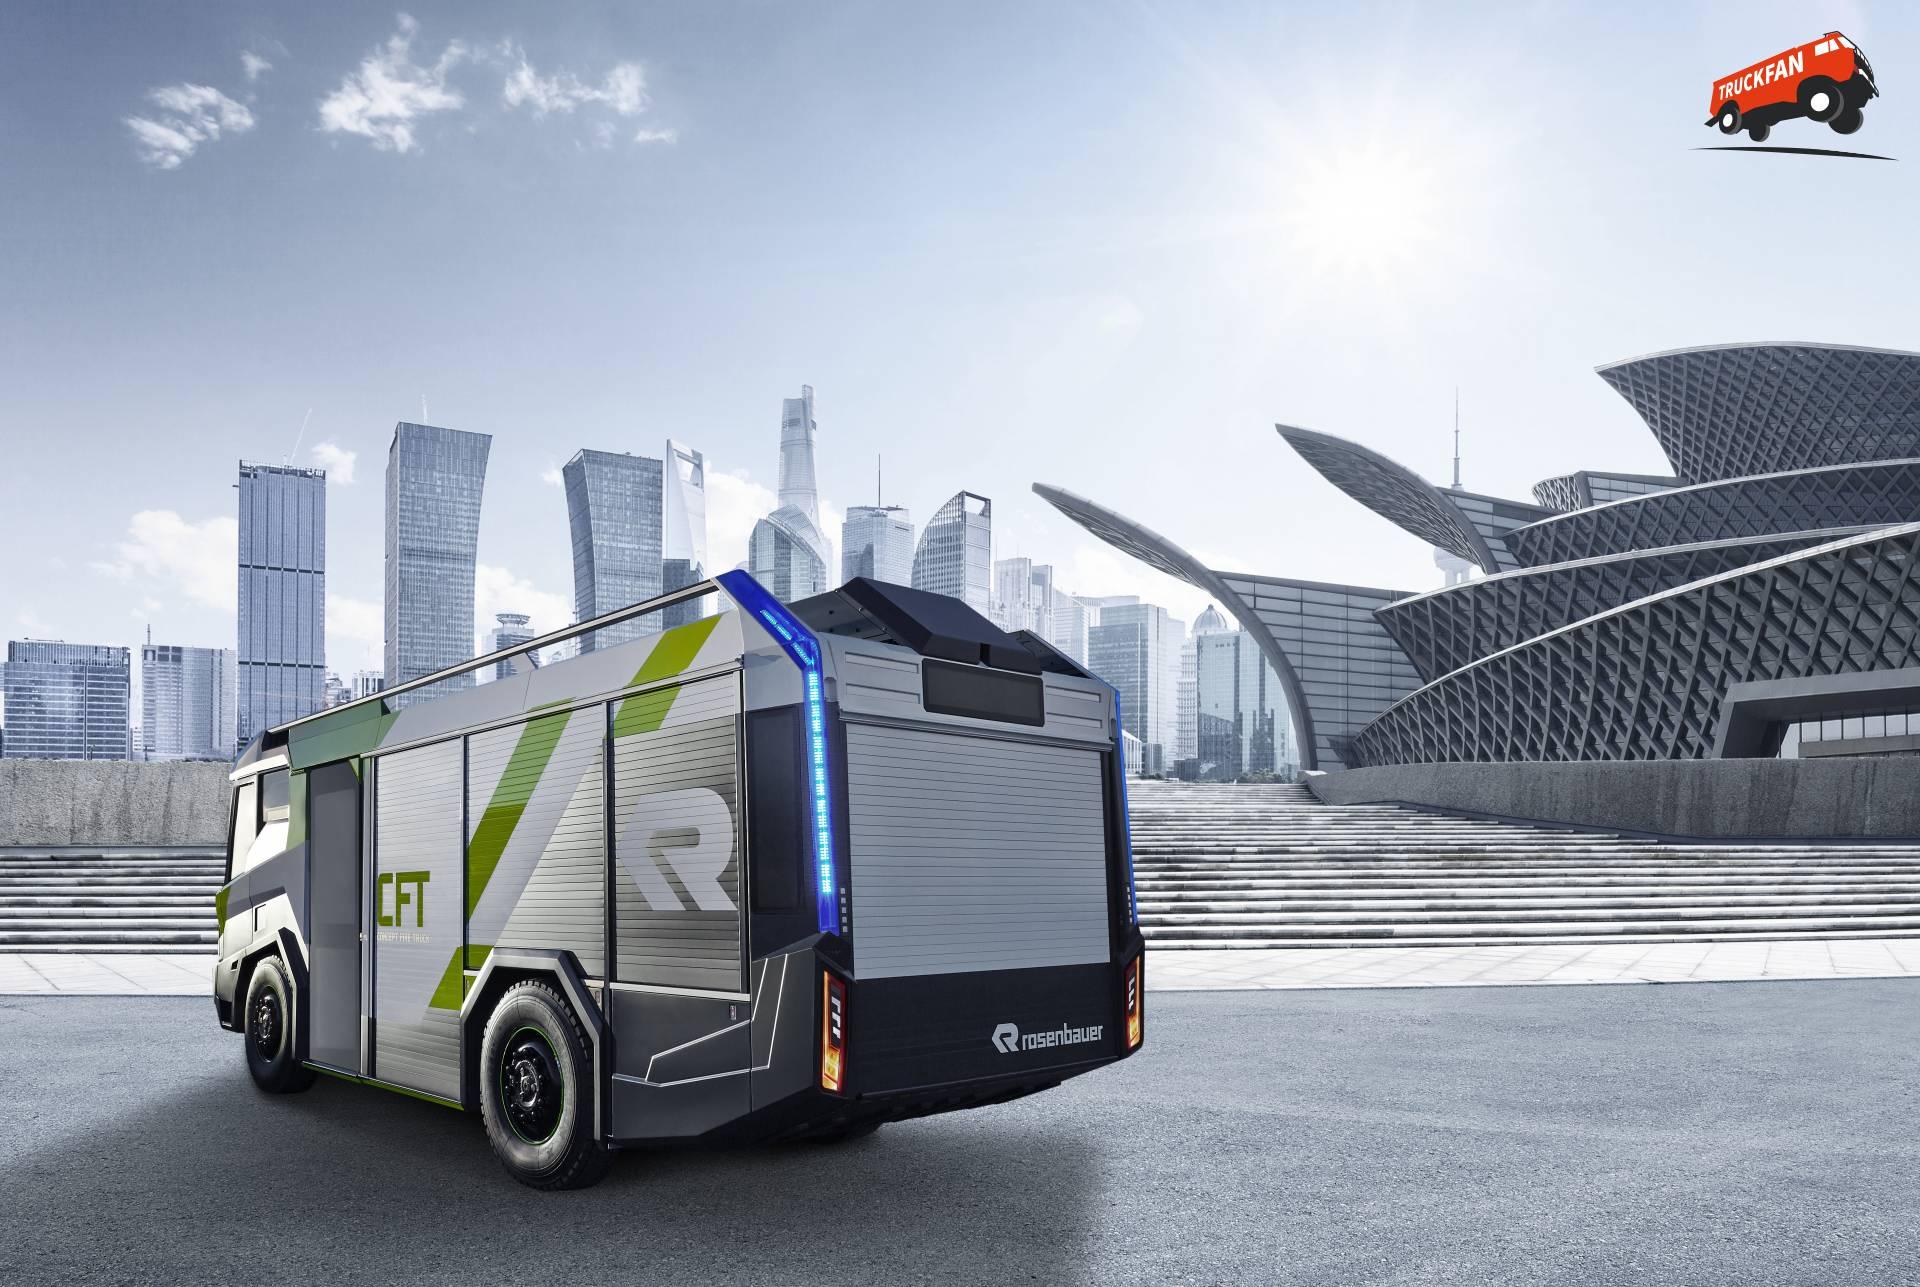 129760-concept-fire-truck-rosenbauer.jpg